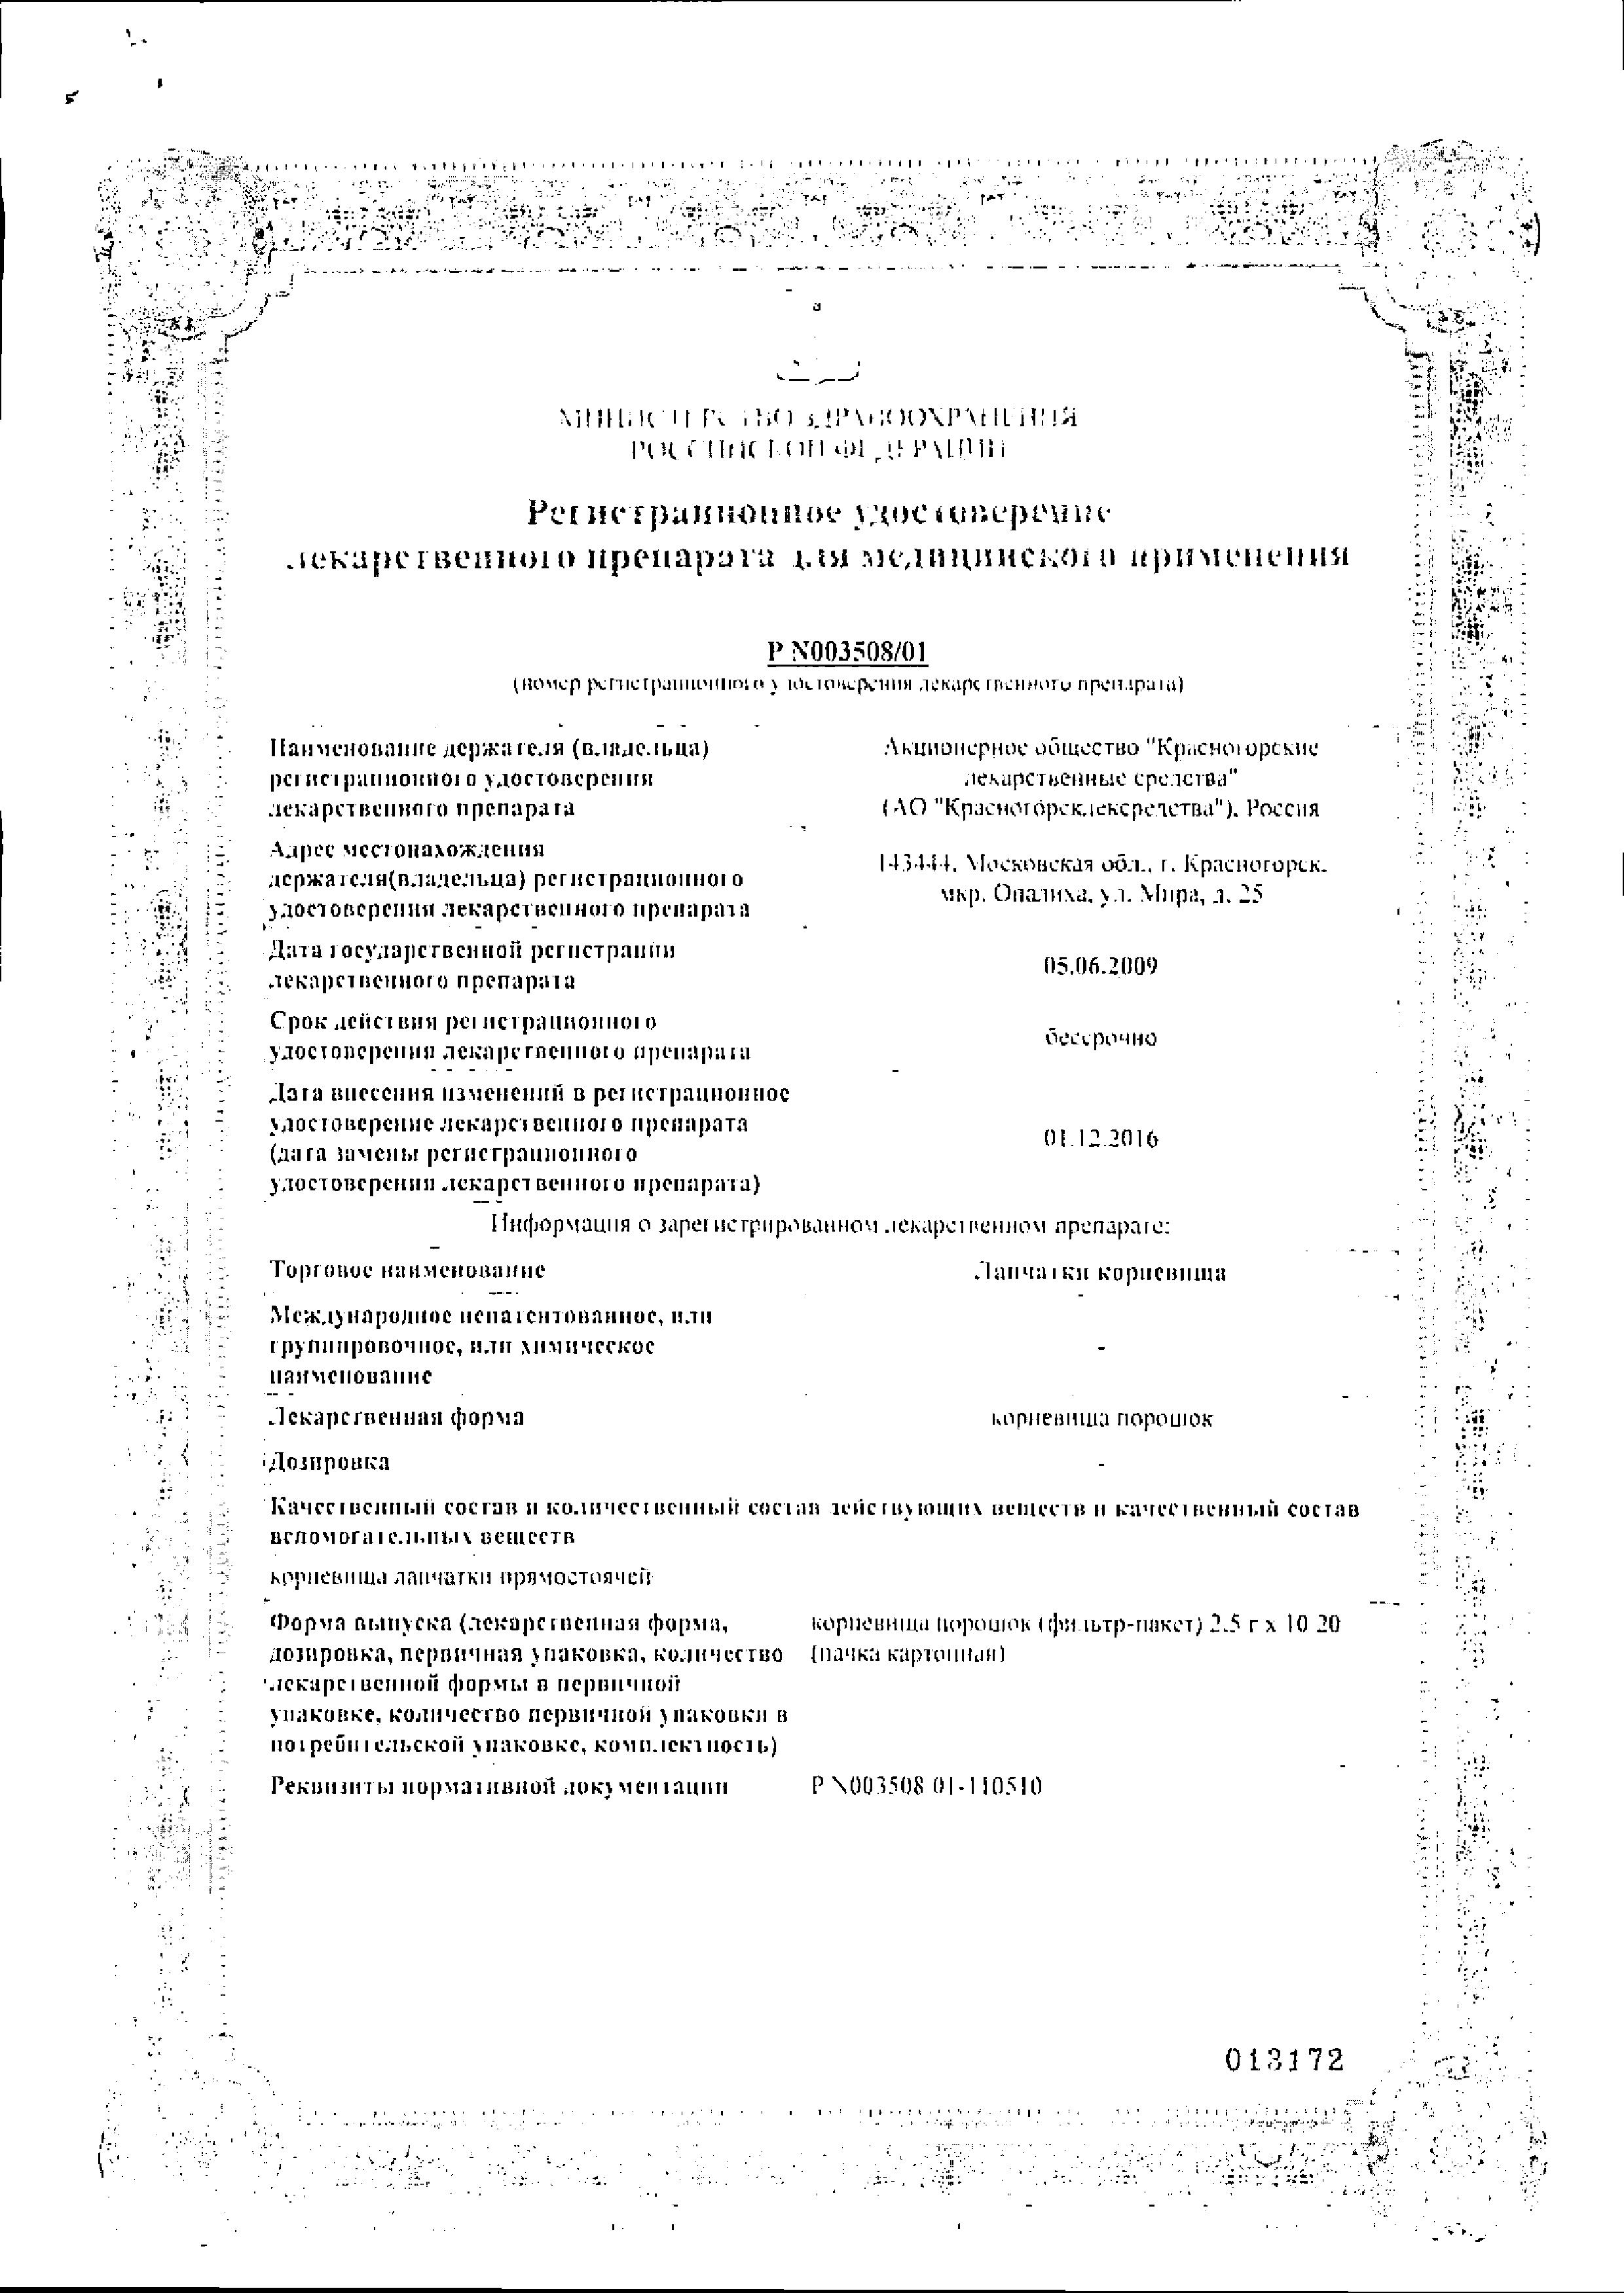 Лапчатки корневища сертификат